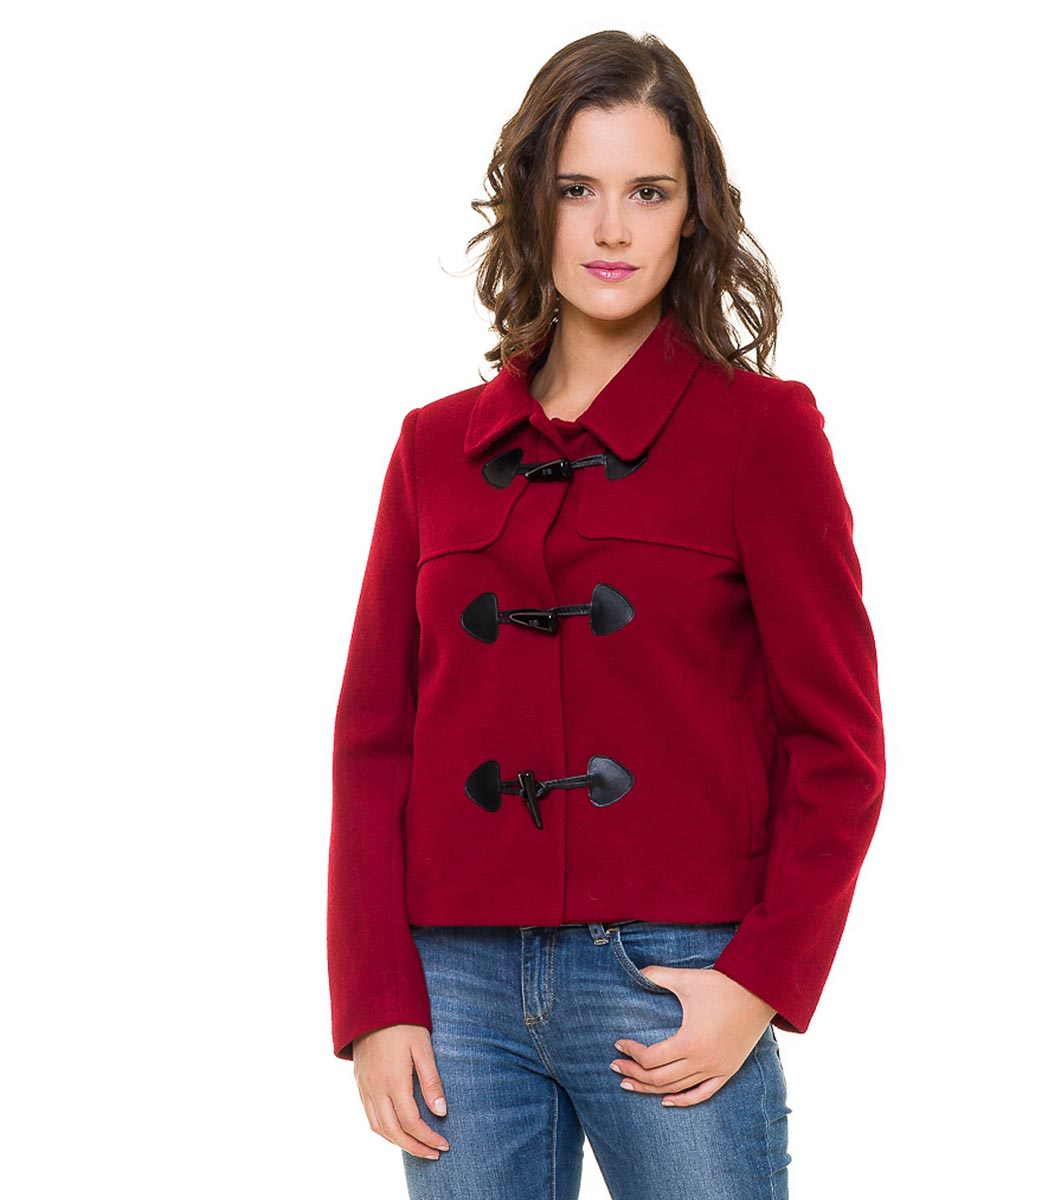 bb647802faf Късо дамско палто в цвят бордо - 2322560 - Fashion Supreme.co.uk